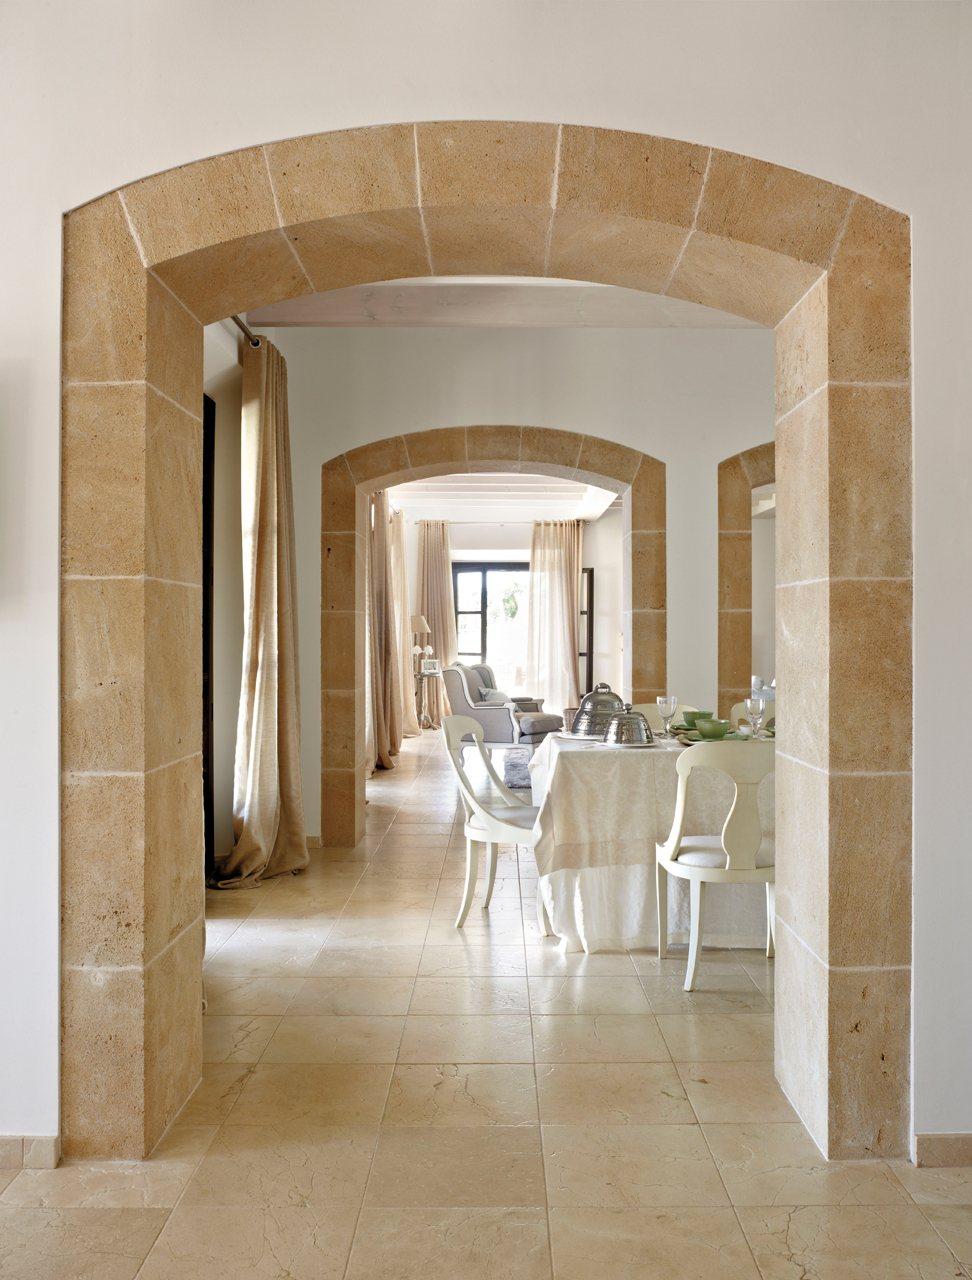 Un precioso mirador a la bah a for Arch home designs